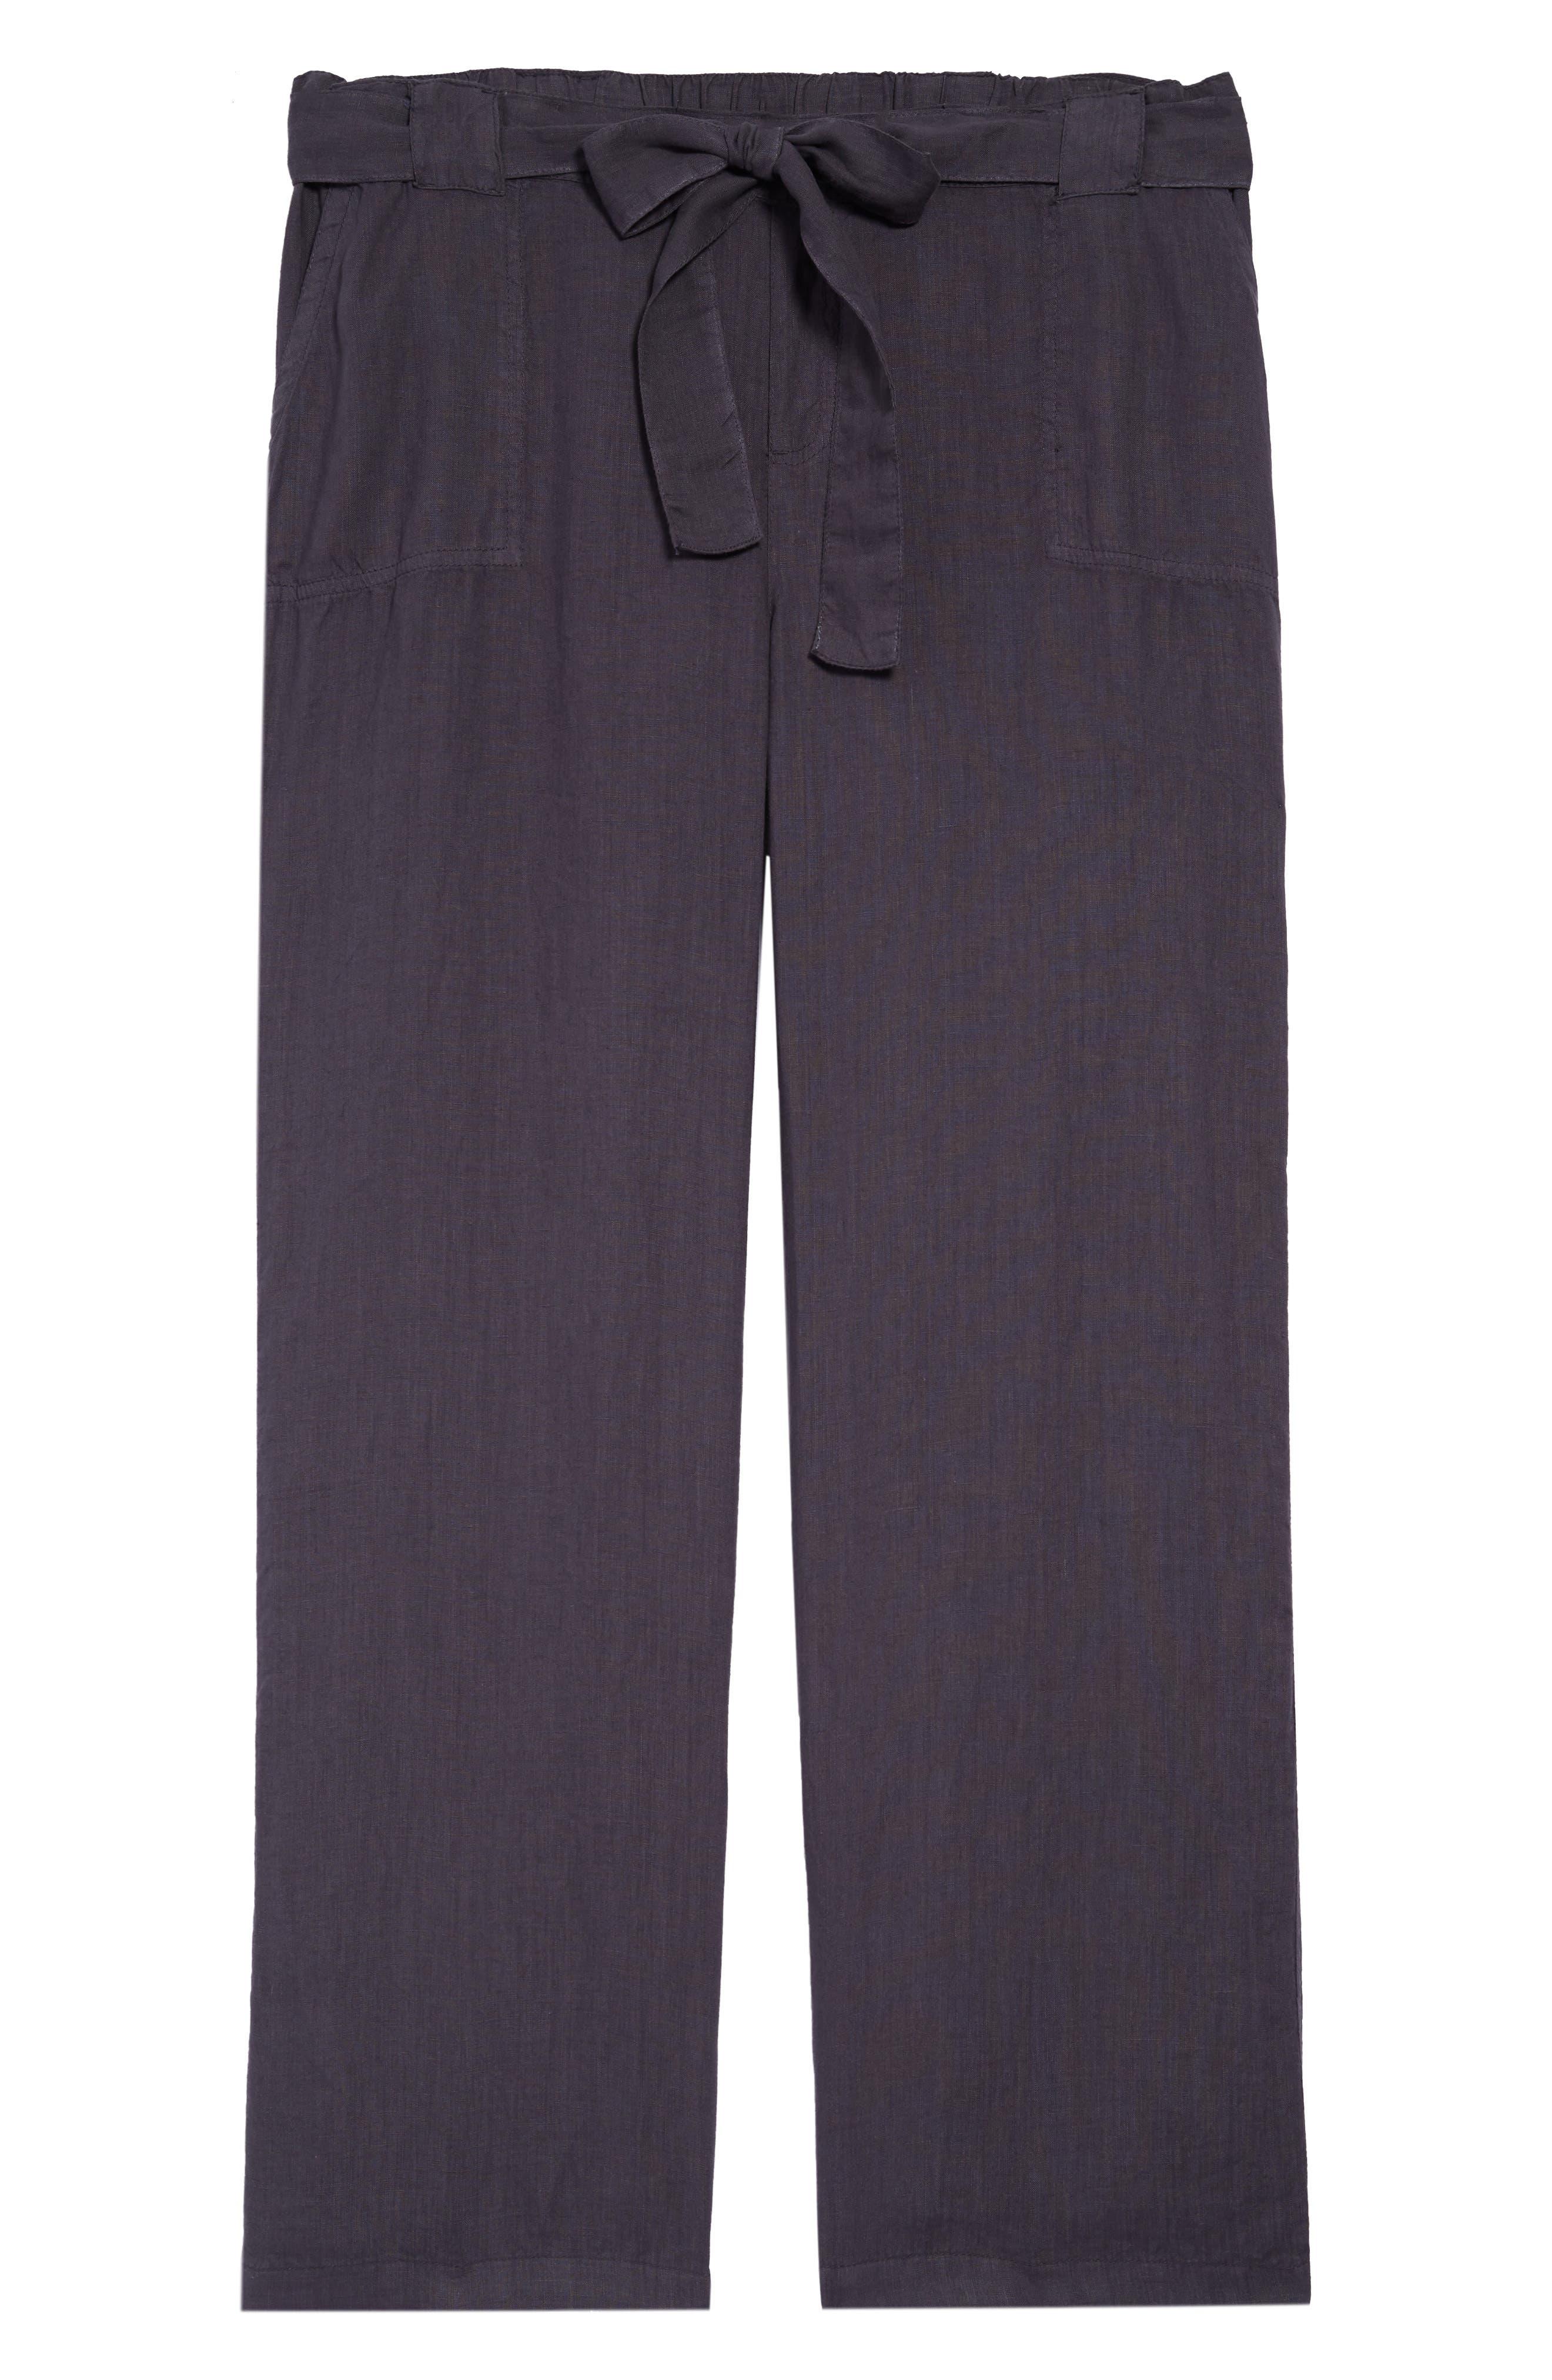 Plus Size Women's Caslon New Belted Linen Pants